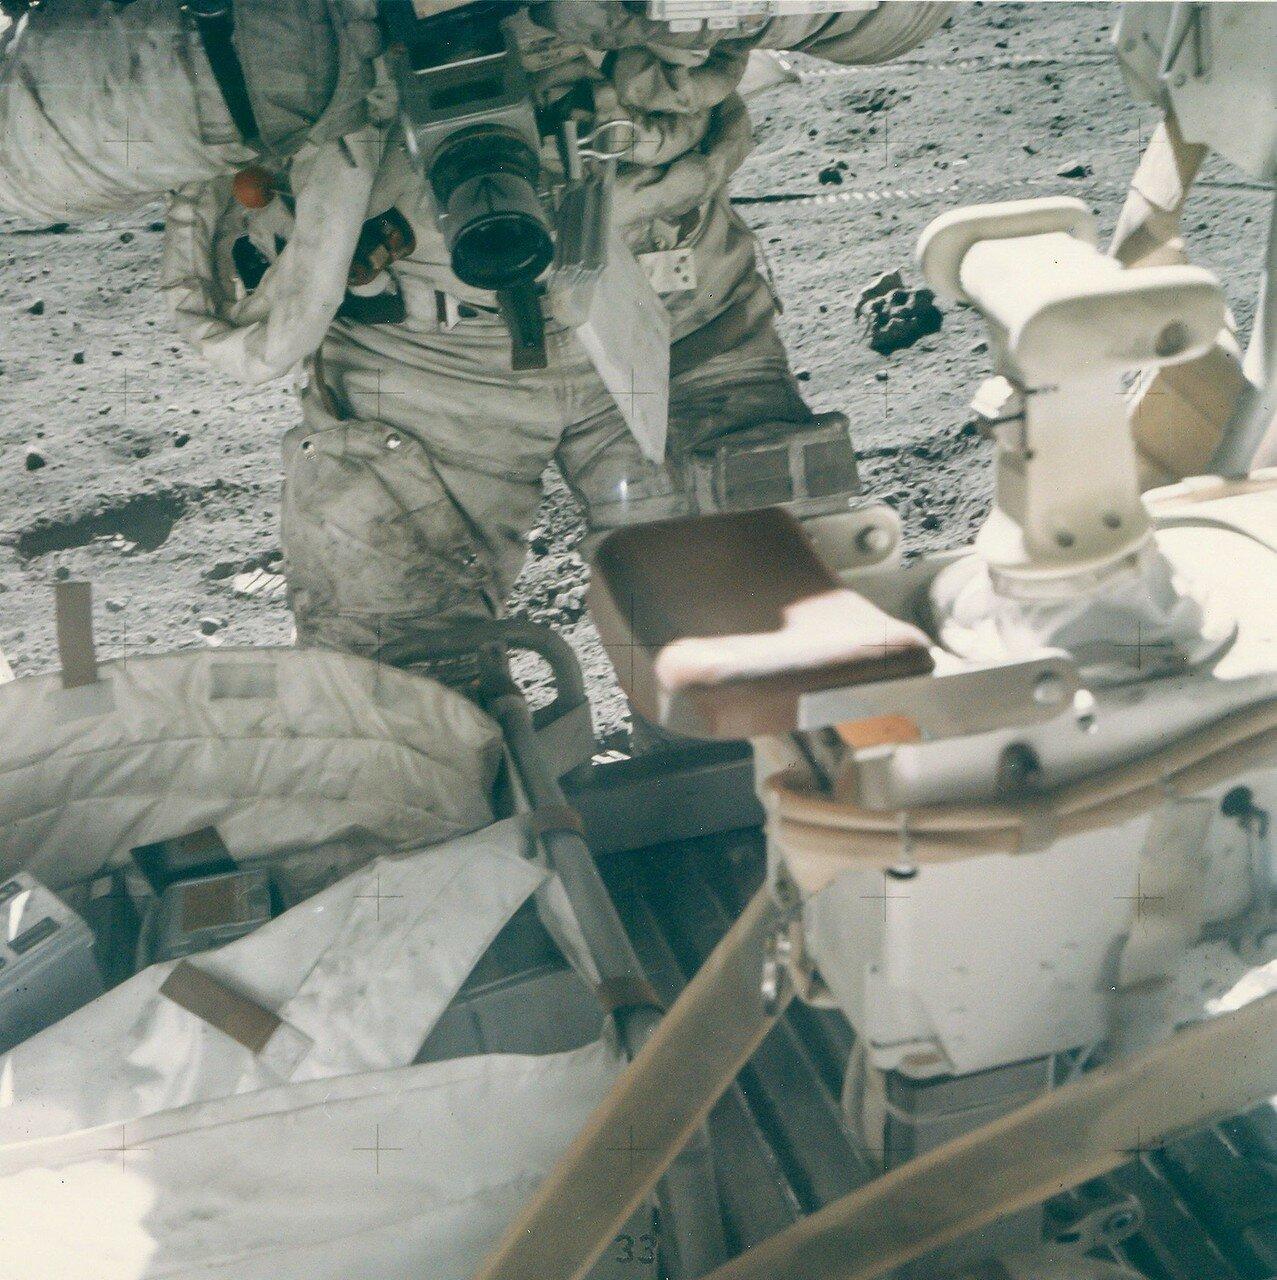 Сразу после начала второй ВКД Янг переместил ультрафиолетовую фотокамеру ближе к лунному модулю. На снимке: Джон Янг меняет кассету в камере Hasselblad